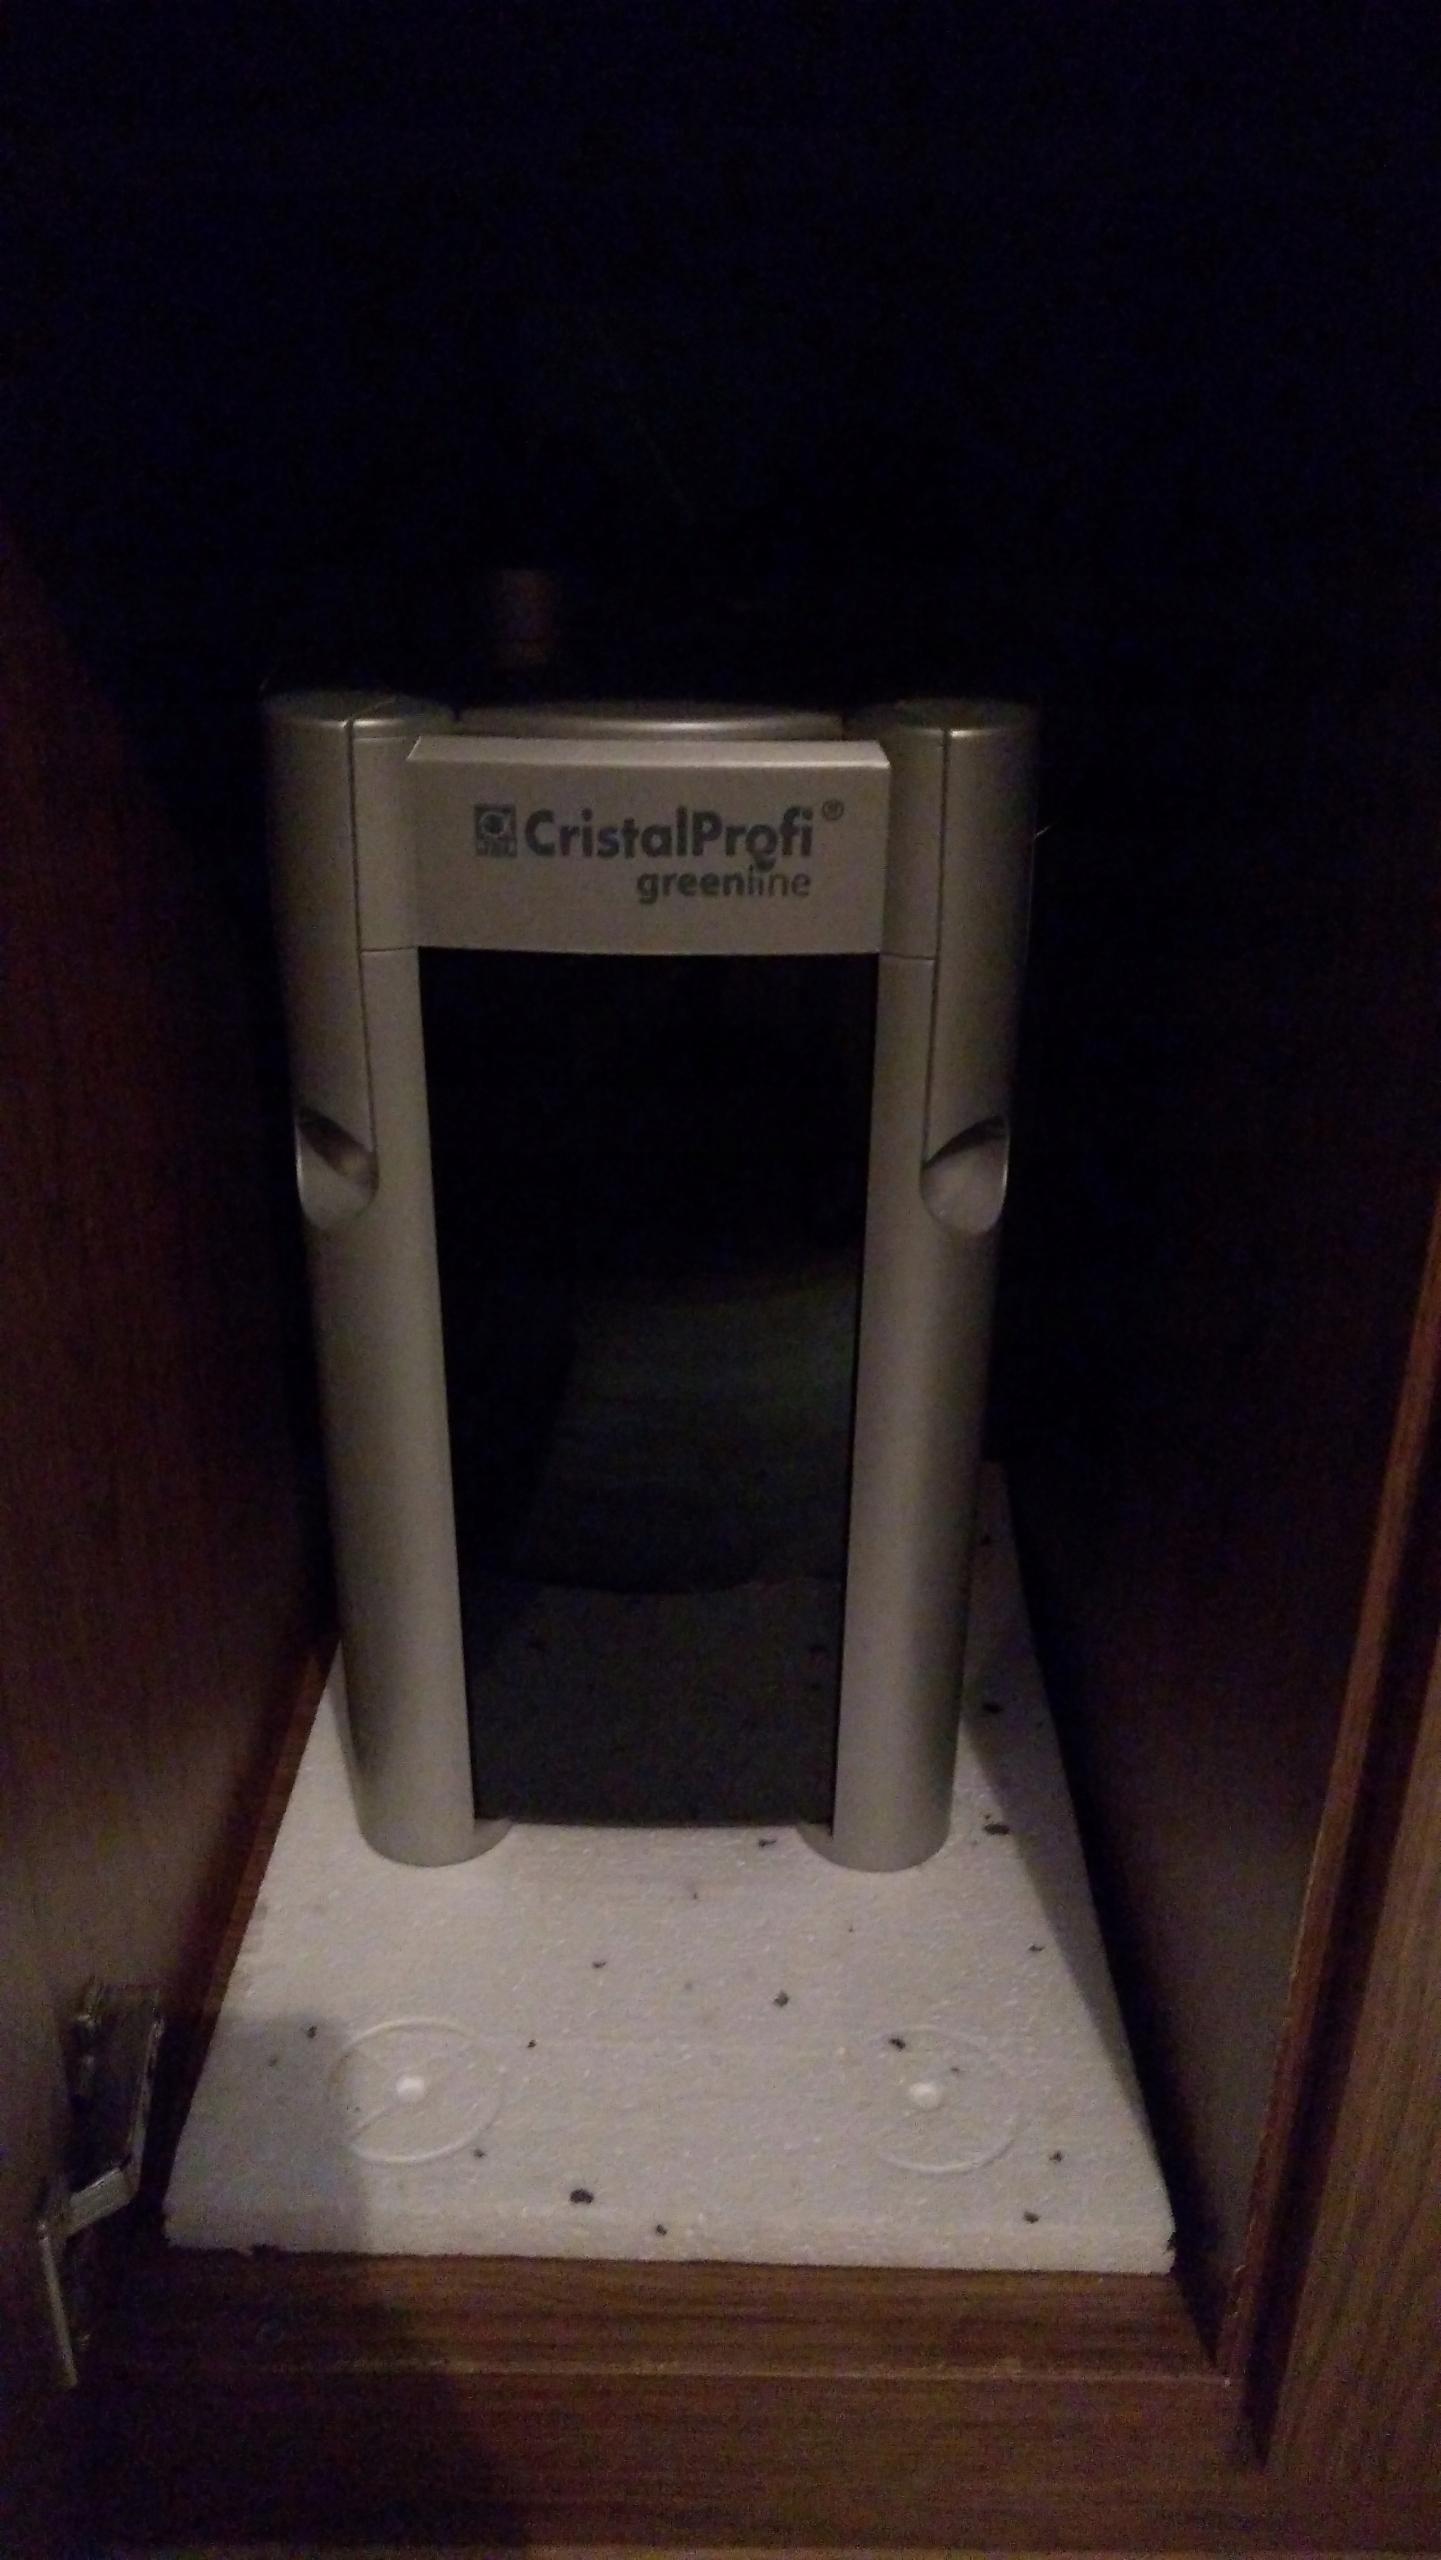 FILTR JBL CRISTALPROFI E1501 GREENLINE